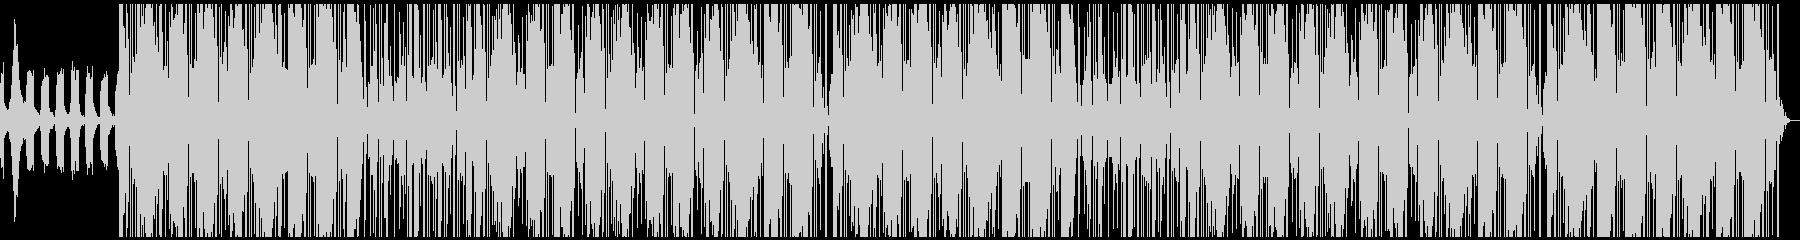 優しい重低音トラップビートの未再生の波形